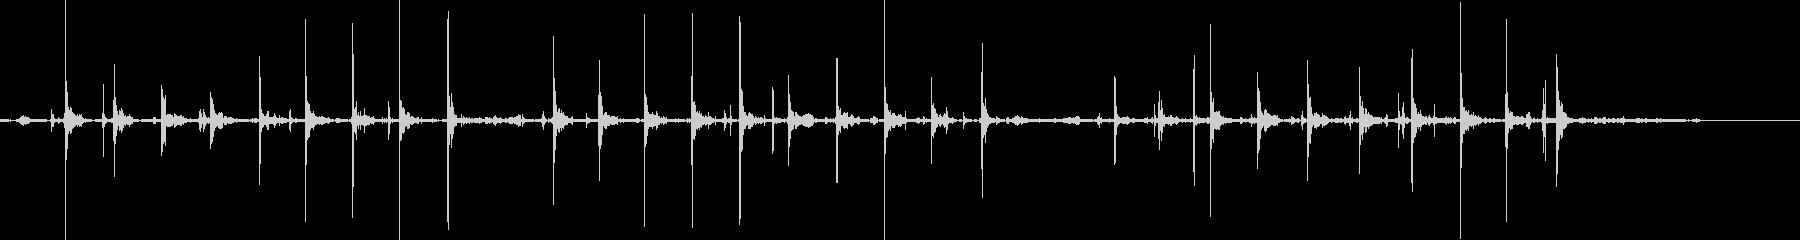 シャッシャッシャッの未再生の波形